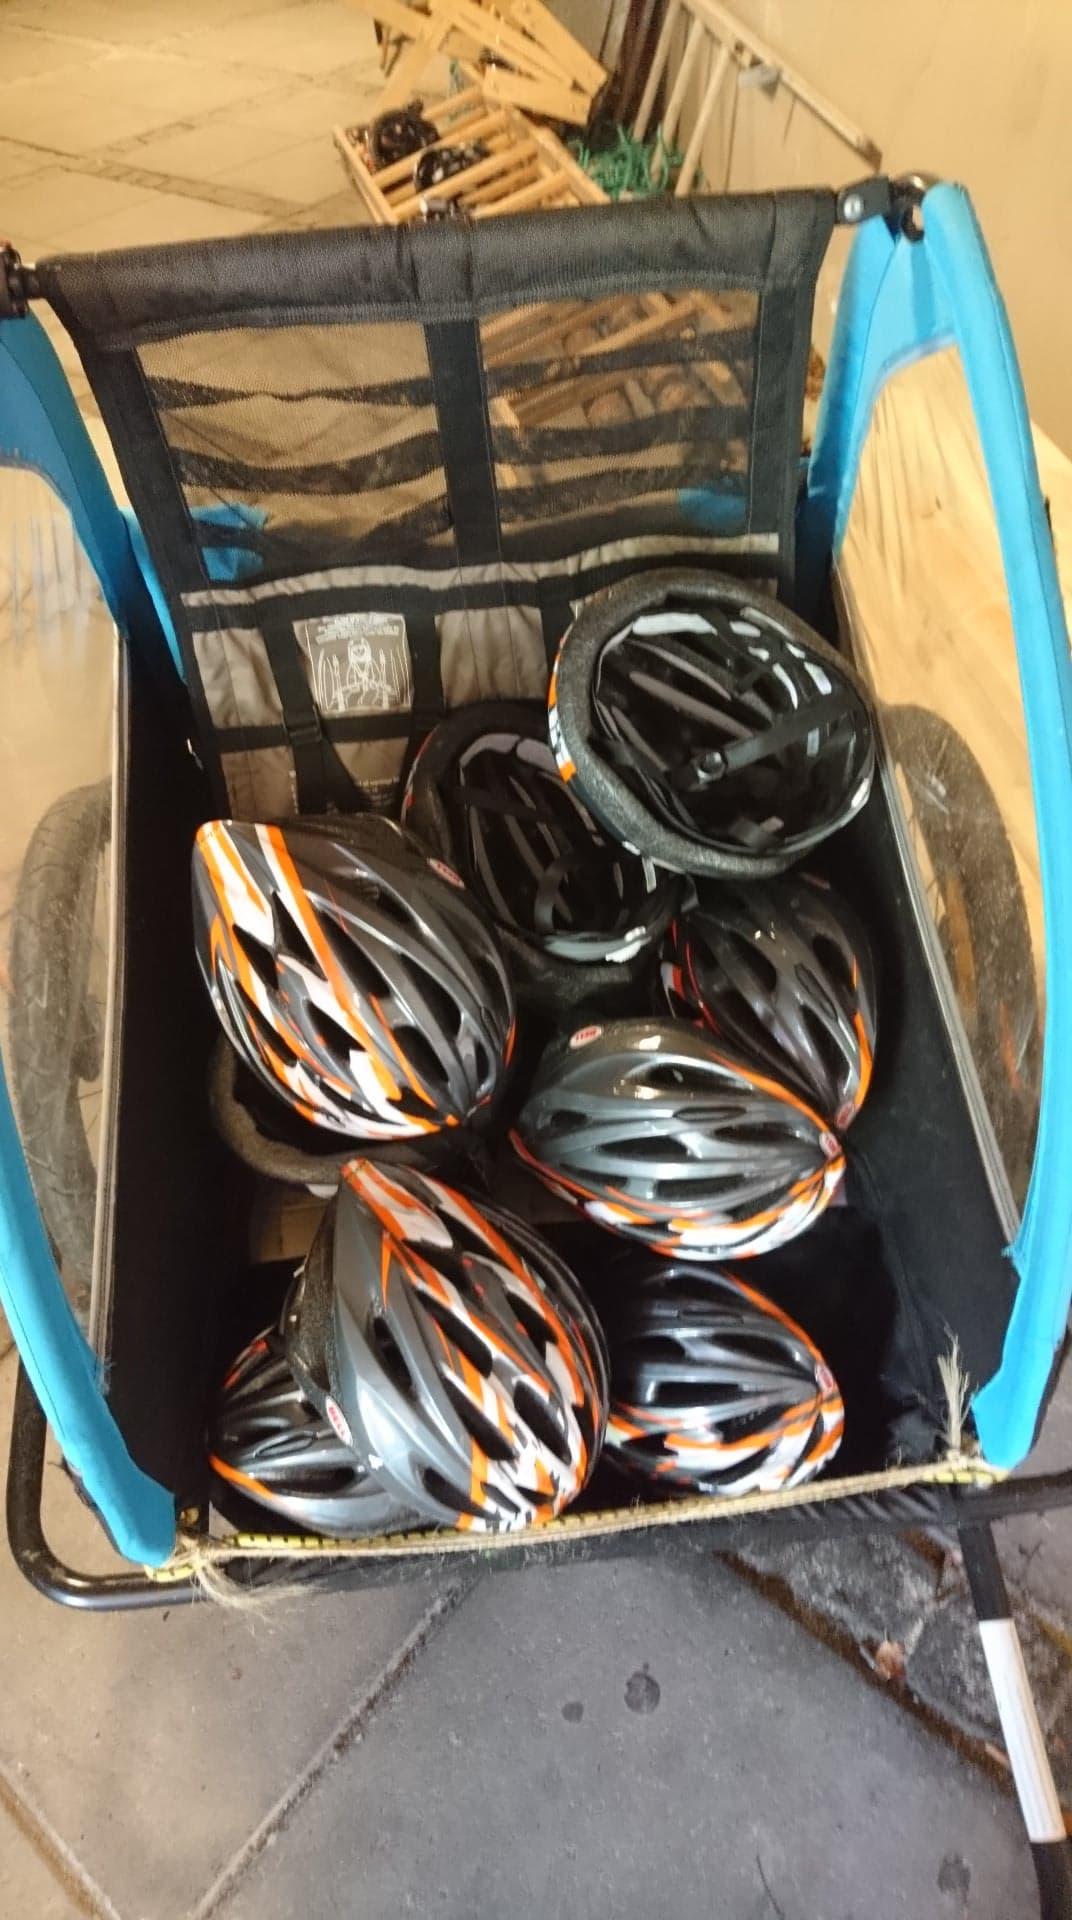 Cykelanhænger fyldt med cykelhjelme